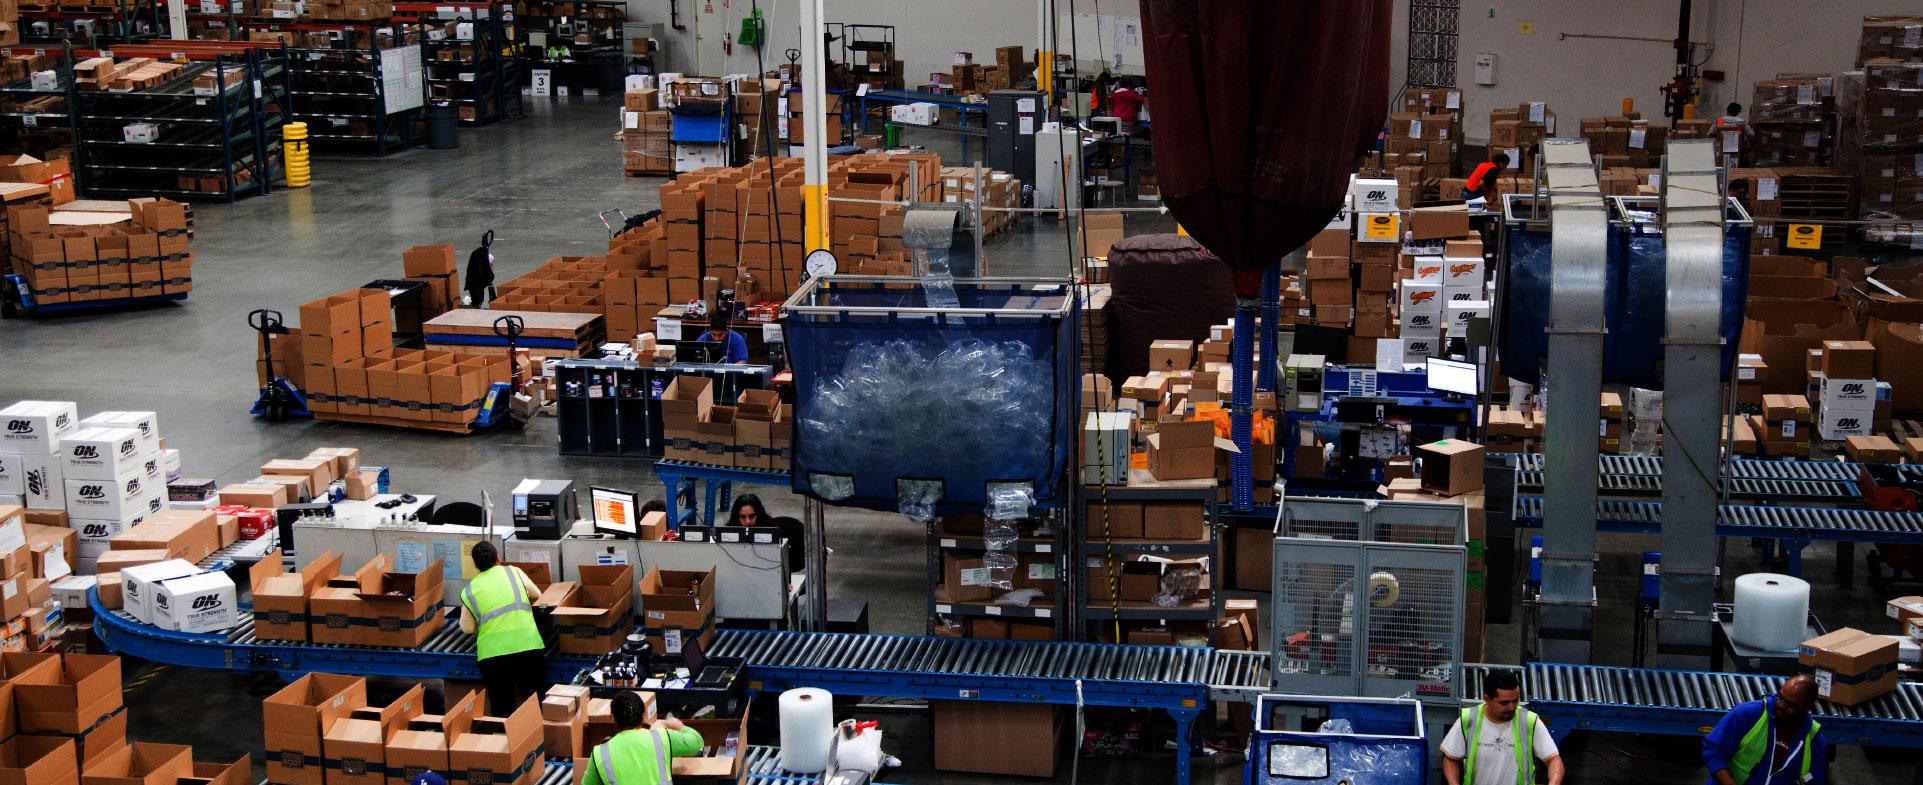 warehouse-hero-img.jpg